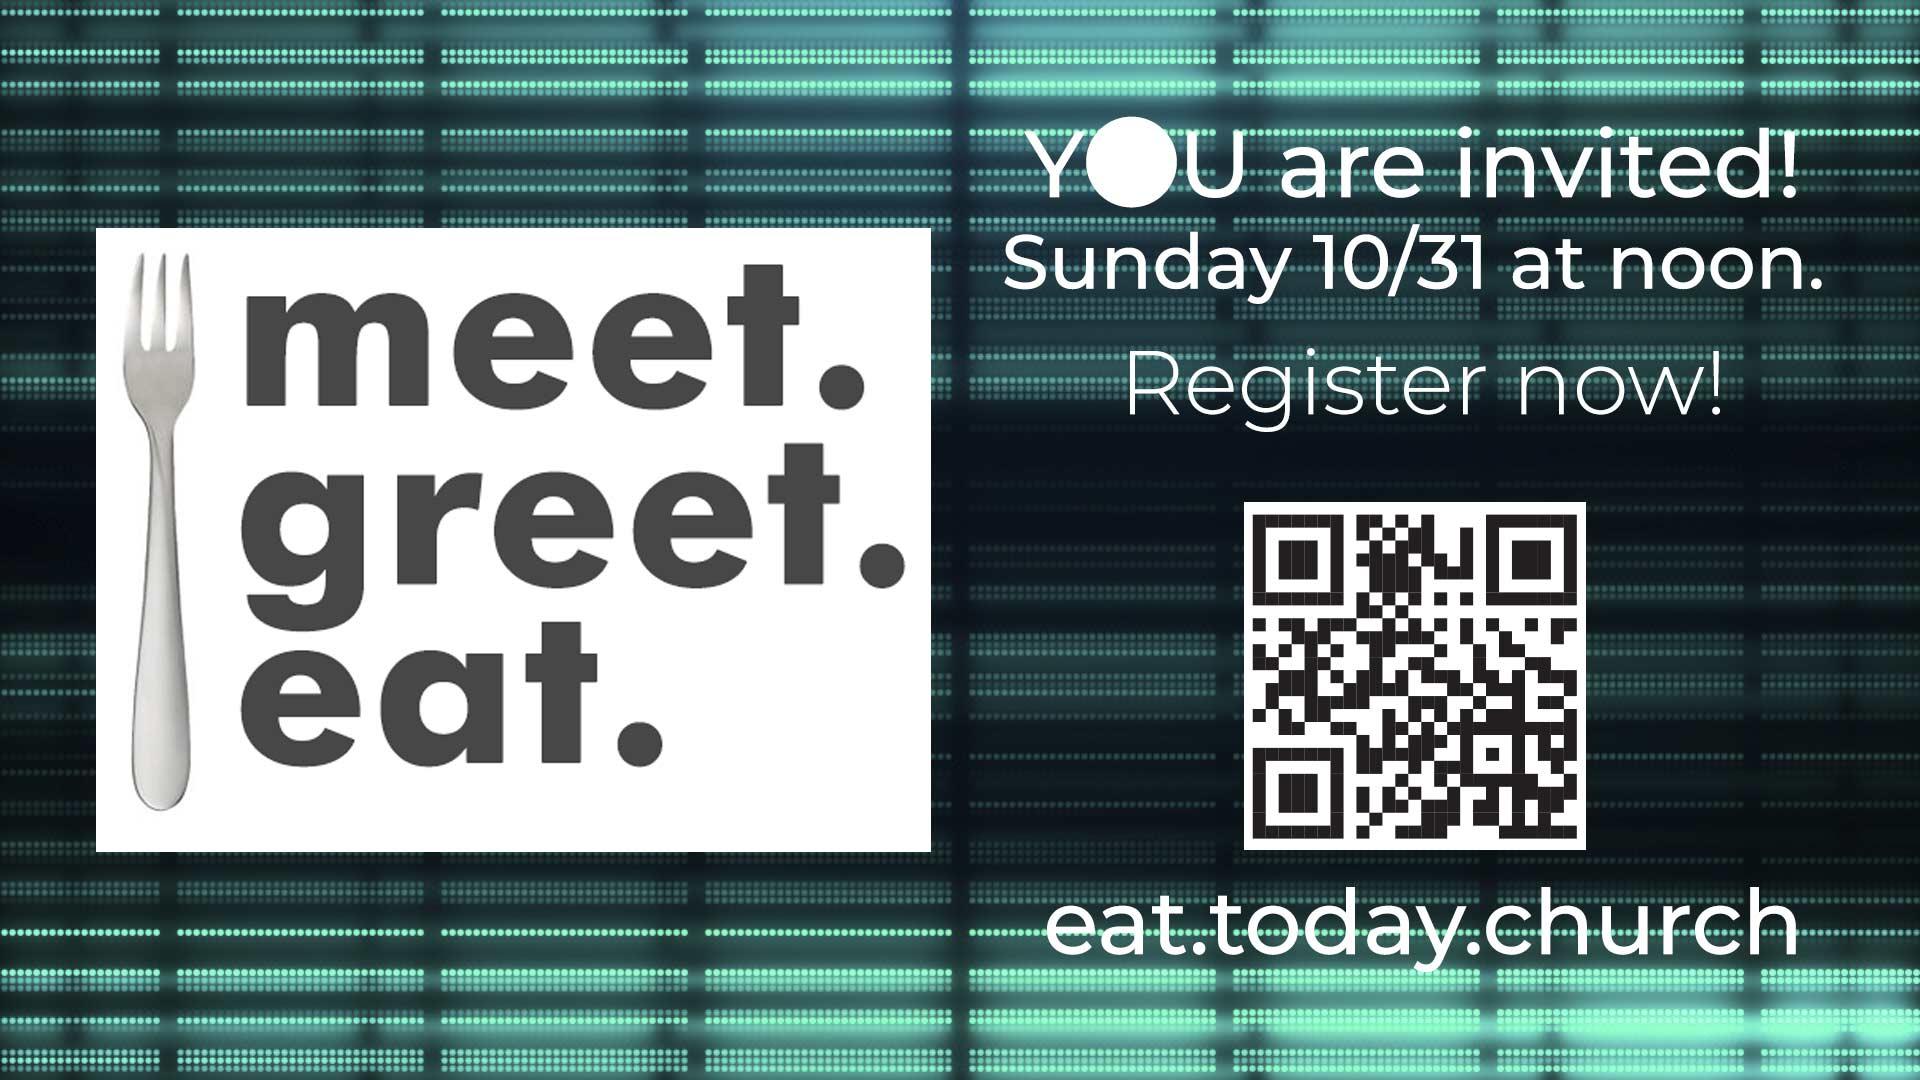 meet. greet. eat.